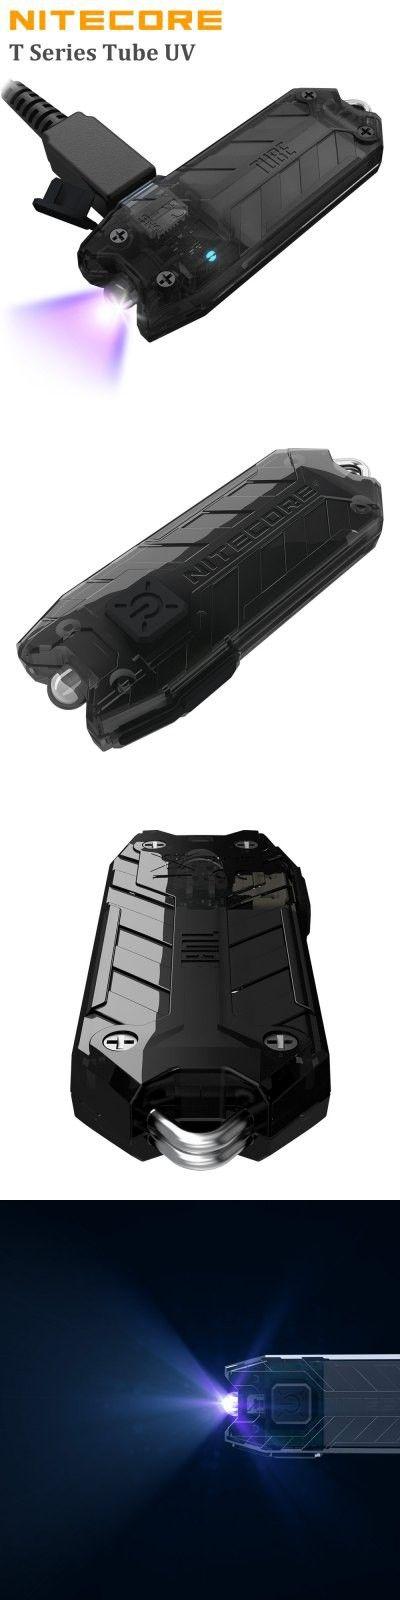 LED Flashlights | Nitecore T Series TUBE UV USB Rechargeable LED Keychain Light $12.95